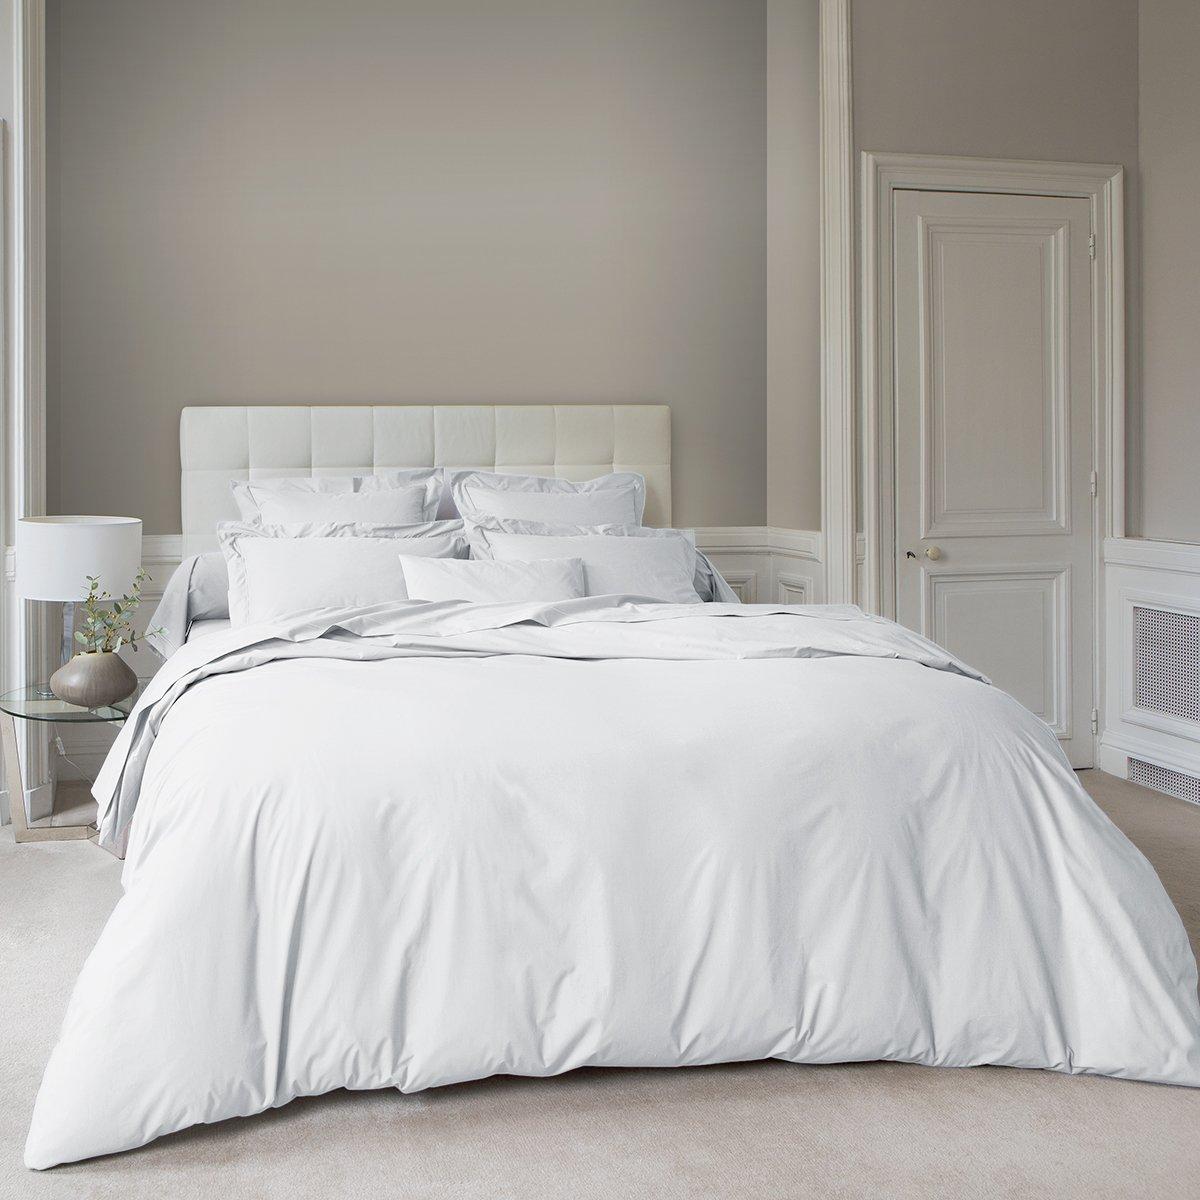 Housse de couette coton 260x240 cm blanc